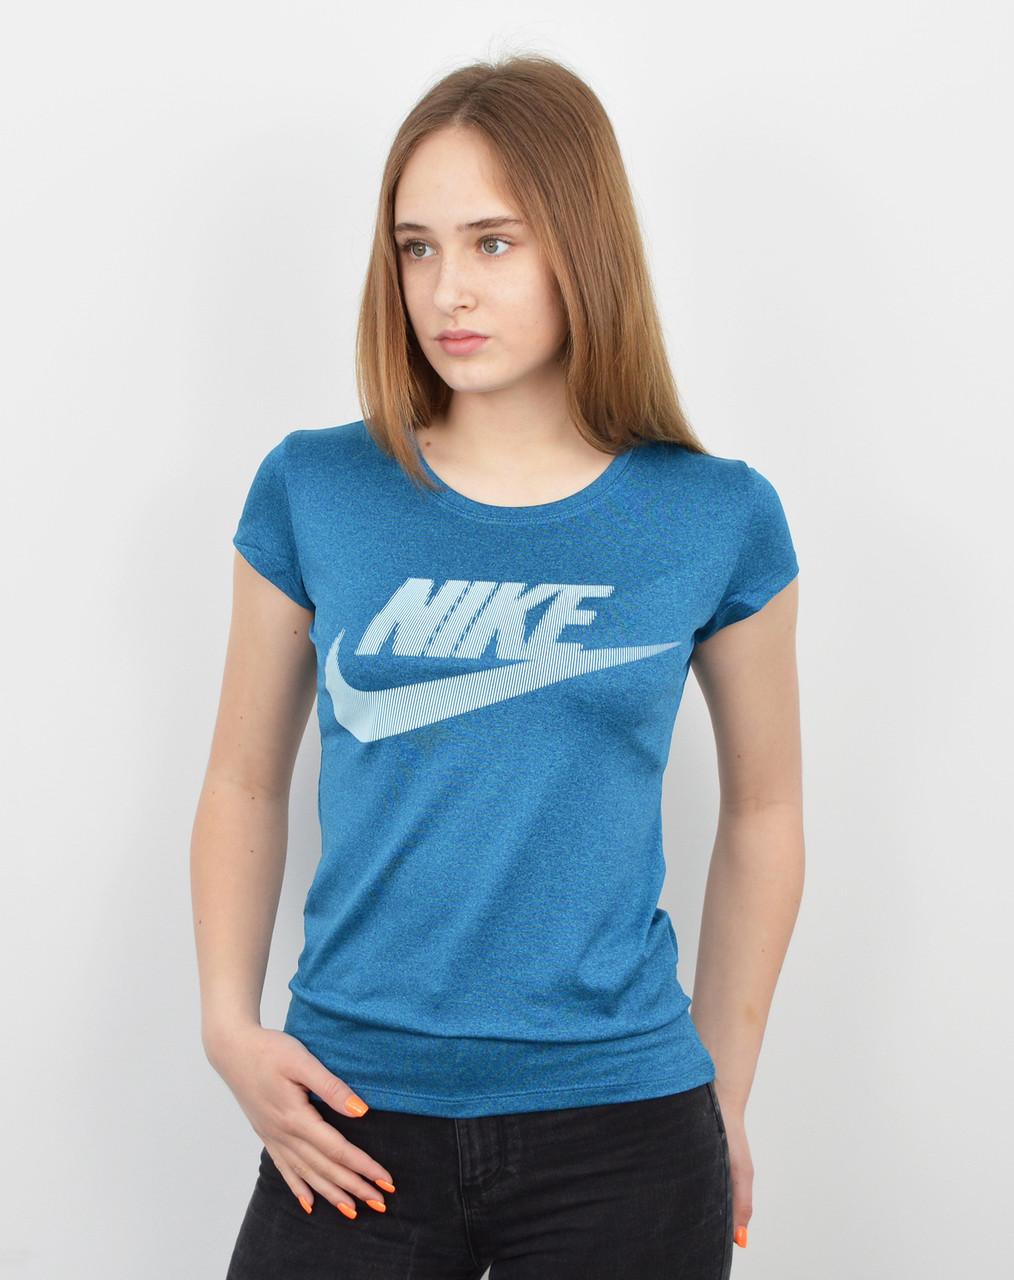 Спортивная женская футболка оптом V0220 голубой меланж